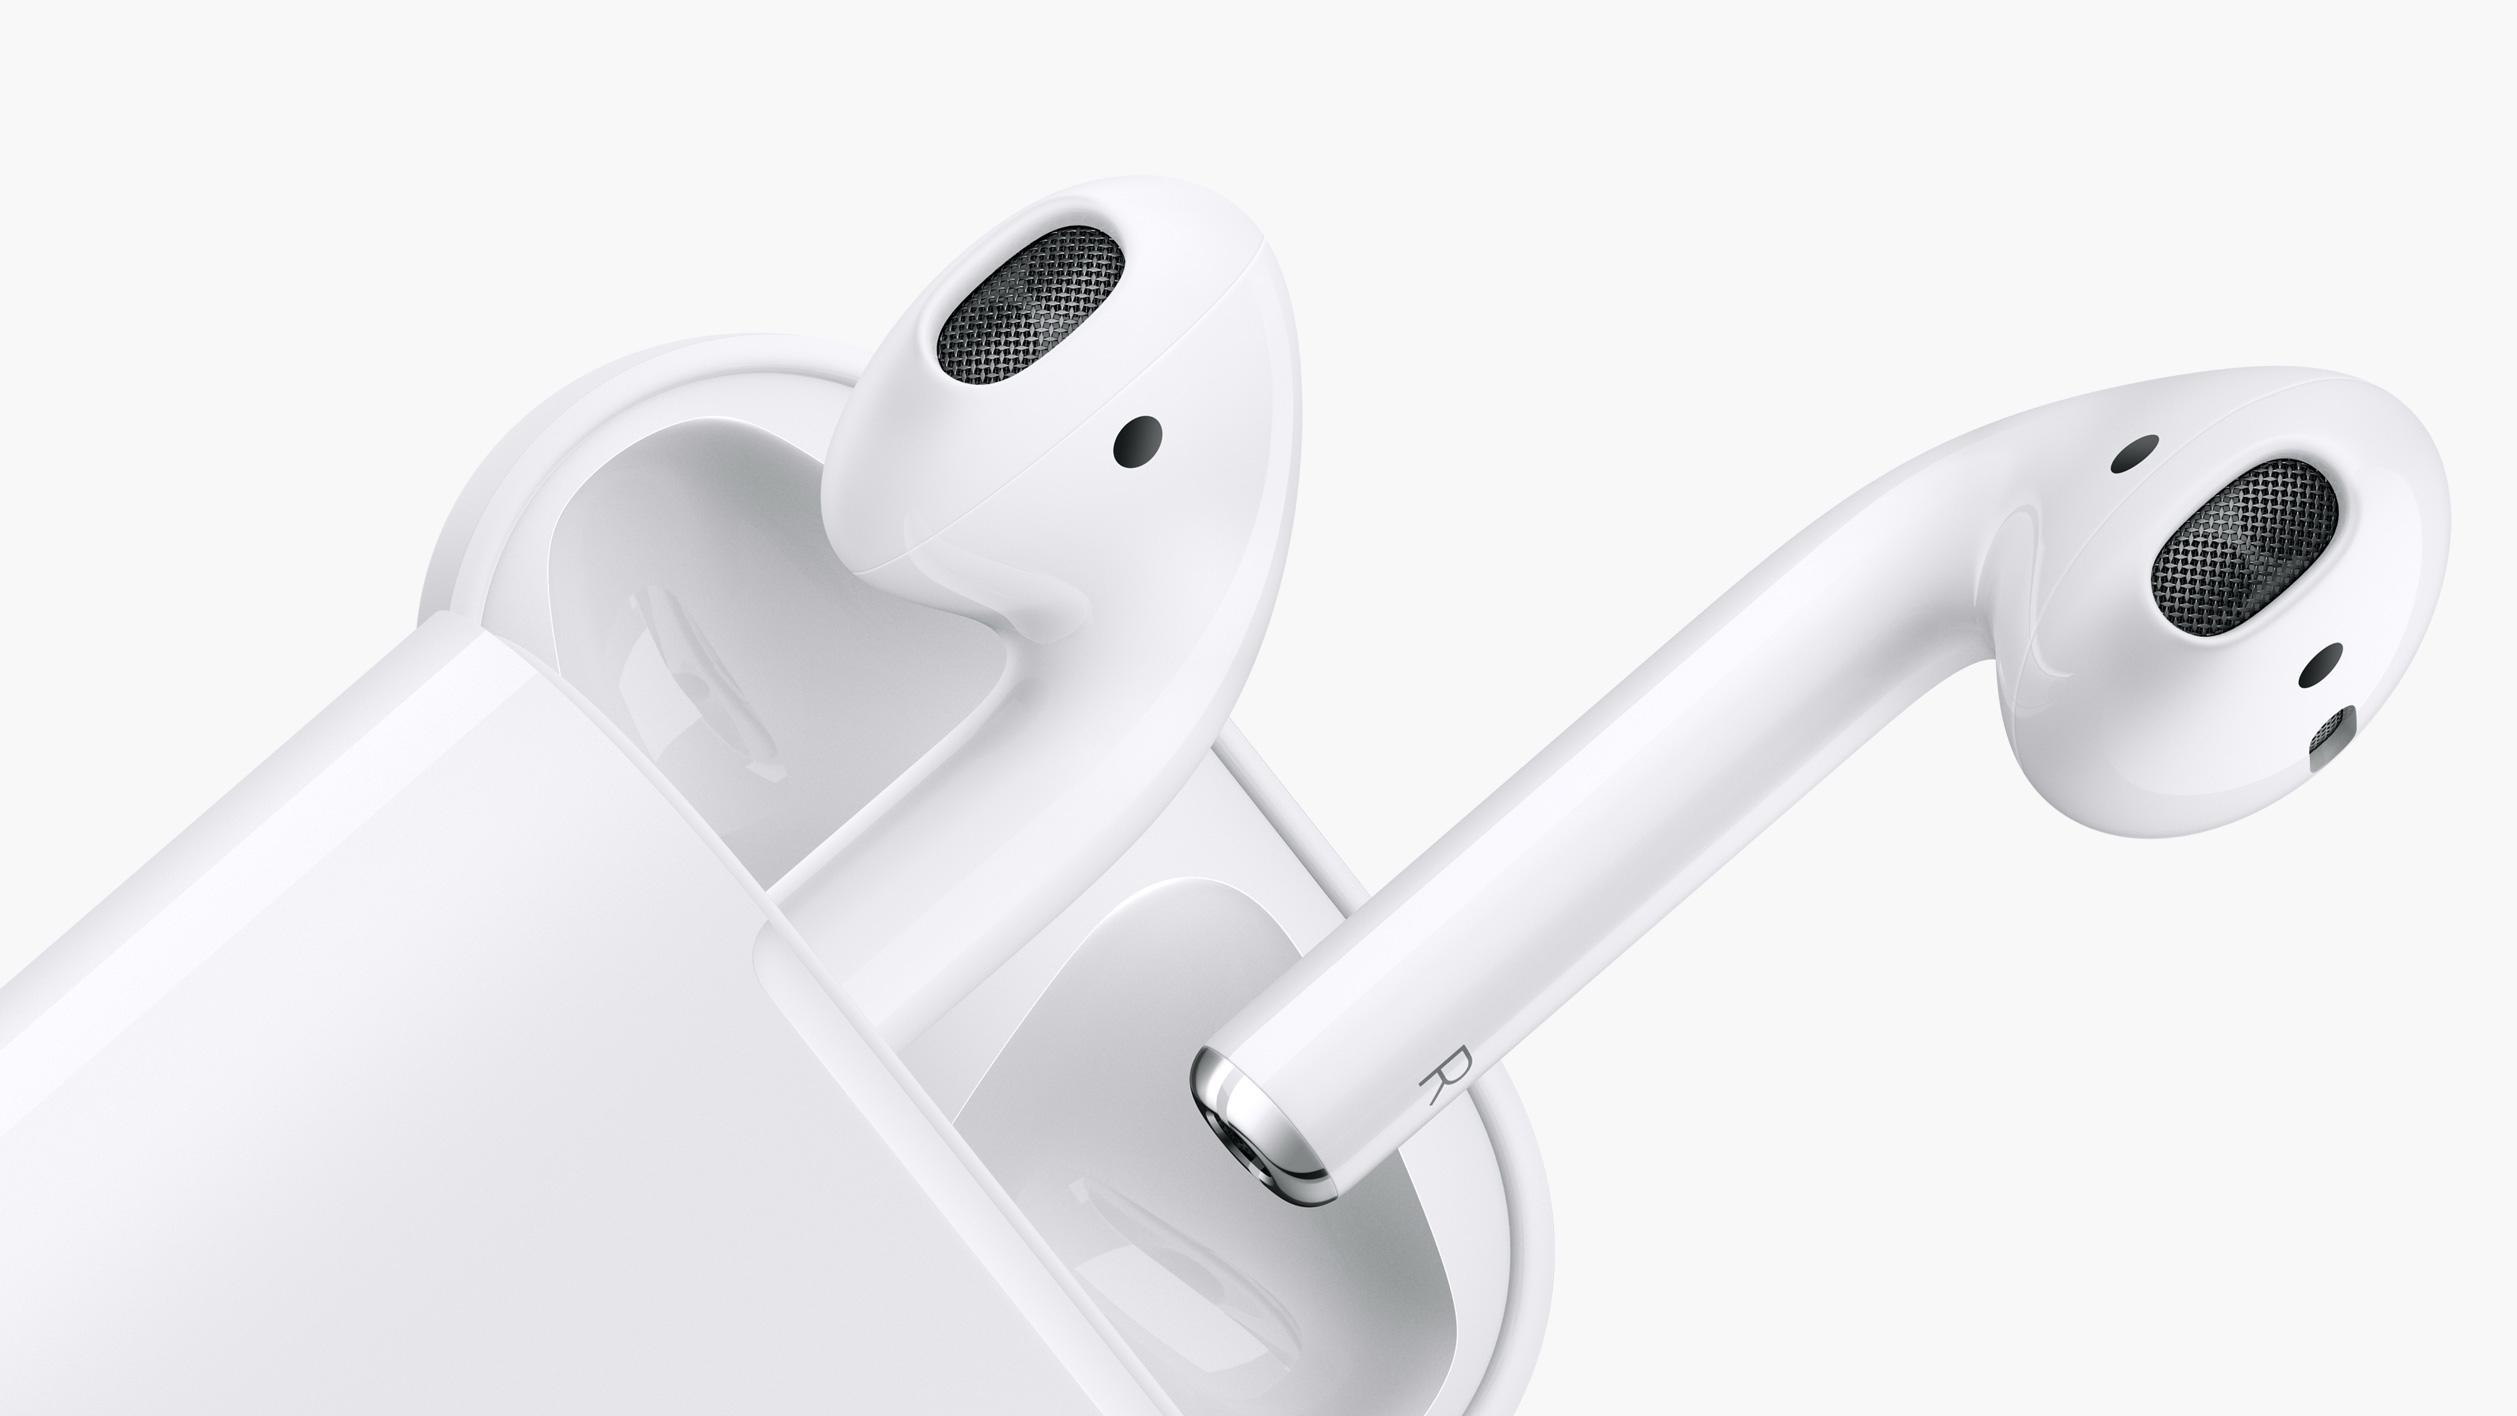 Appletõi välja uued, kuid väga tuttavad AirPodsid: siin on kõik, mis muutus